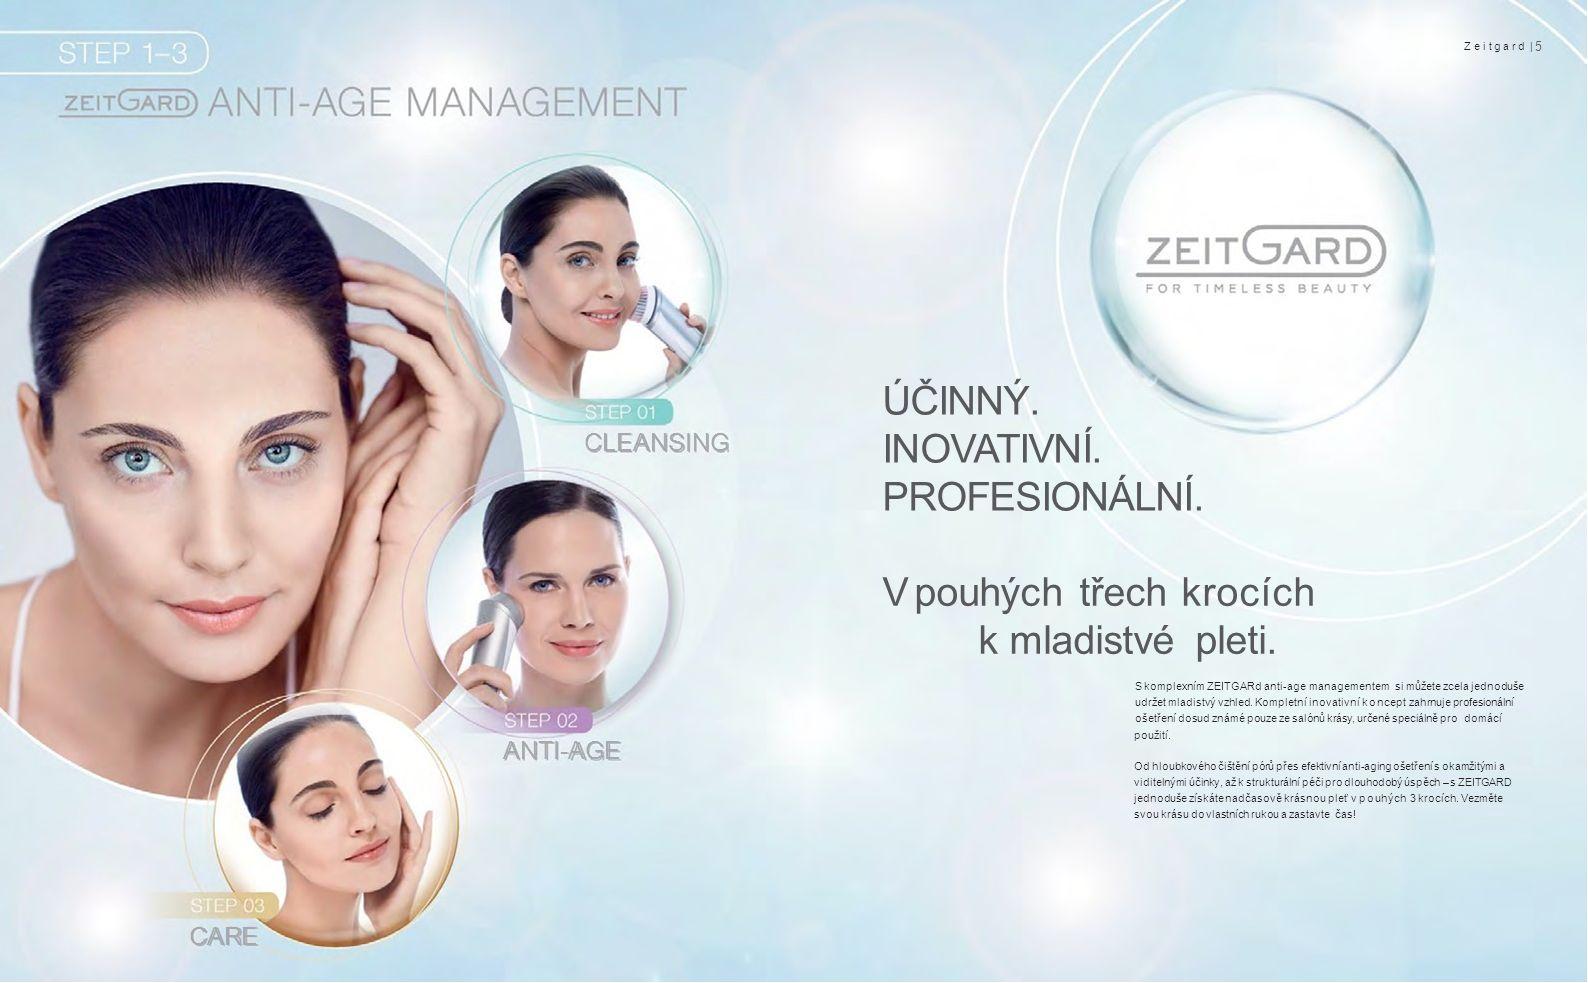 Zeitgard | 7 ZEITGARD Systém pro čištění pleti je prvním krokem účinného a dlouhodobého anti-age ošetření.